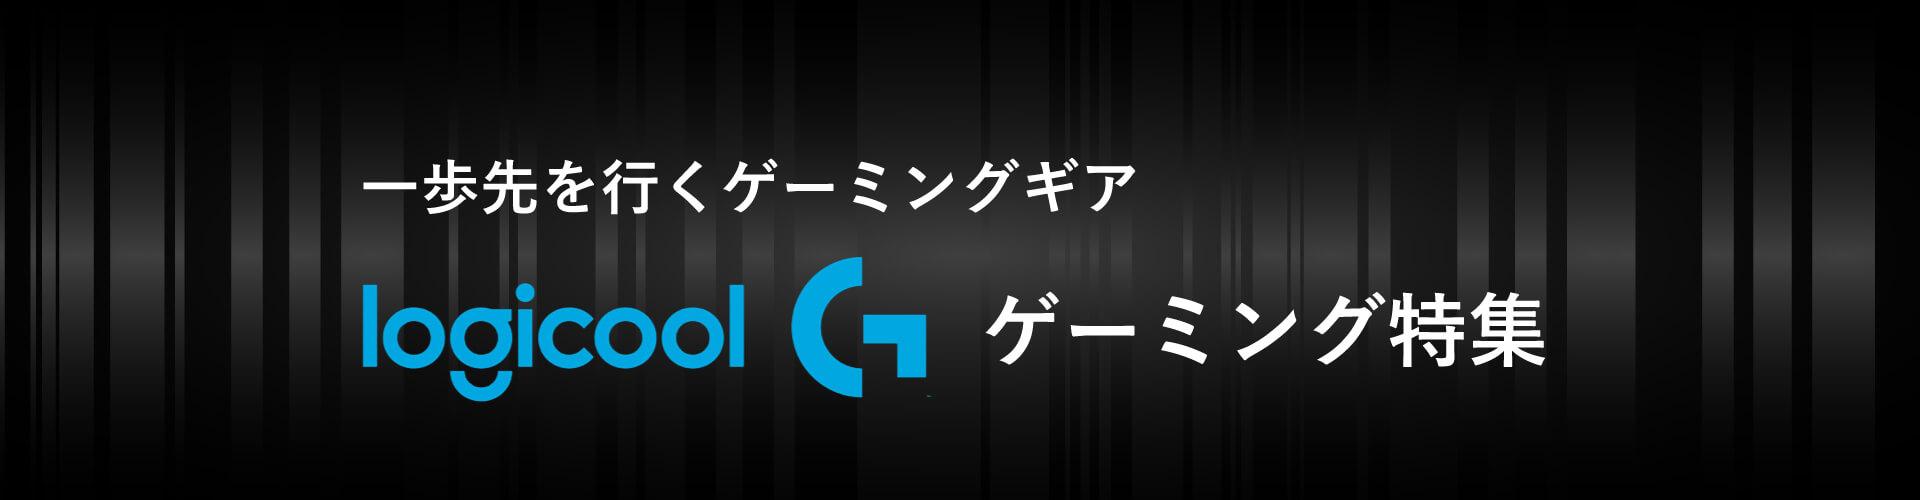 ゲーミングギア(デバイス)「ロジクール G」特集